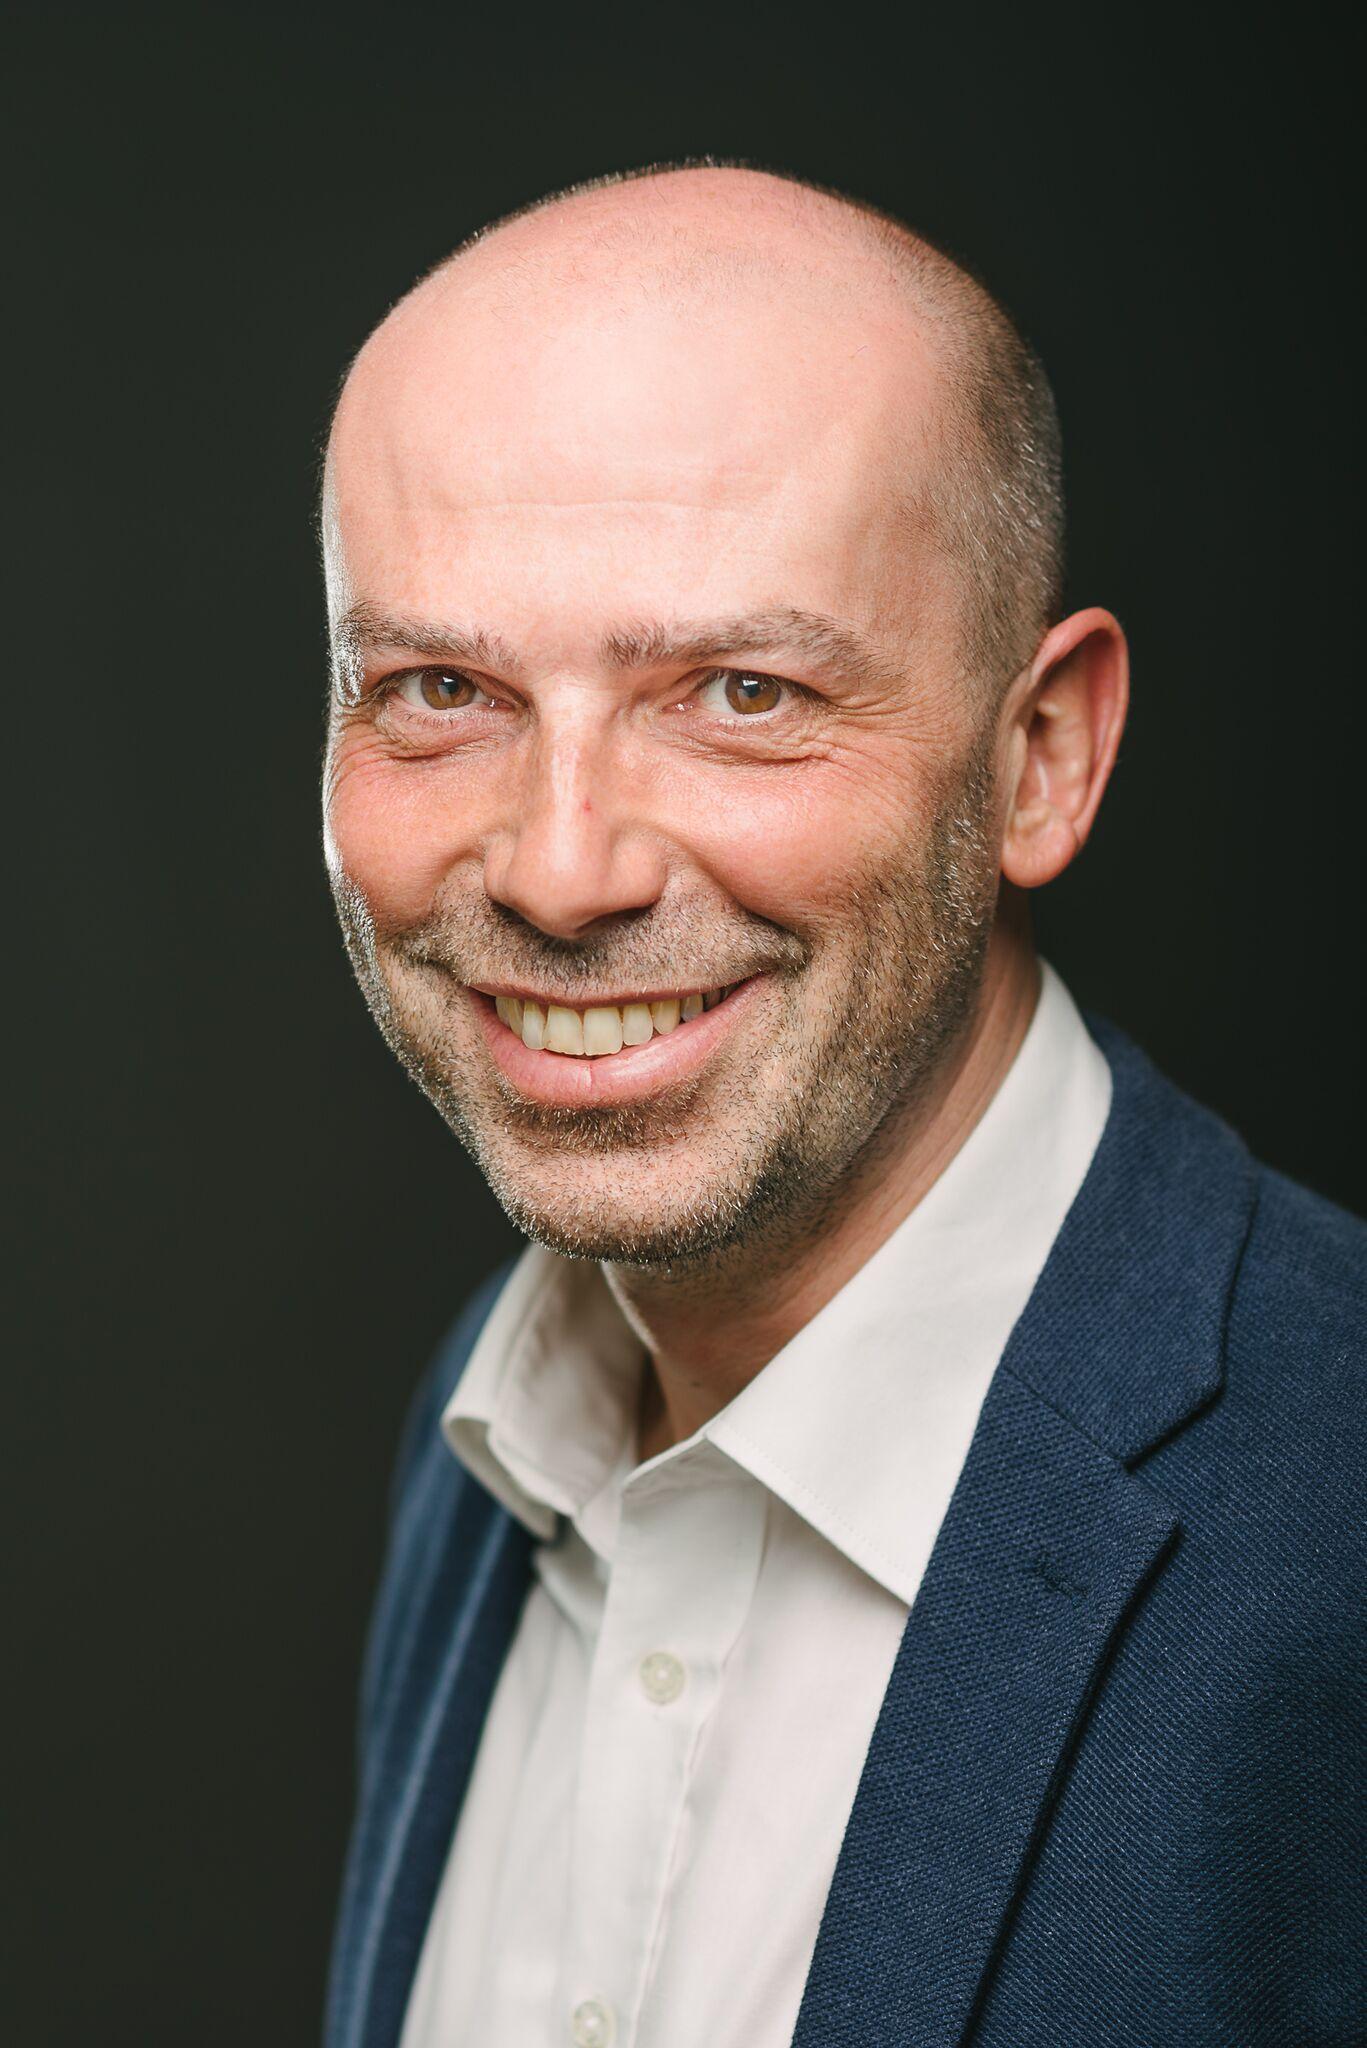 Peter Resch-Edermayr, der Autor des Textes, wie man die EU-Datenschutzverordnung für eine bessere Dokumentation der eigenen IT-Infrastruktur nutzen kann.